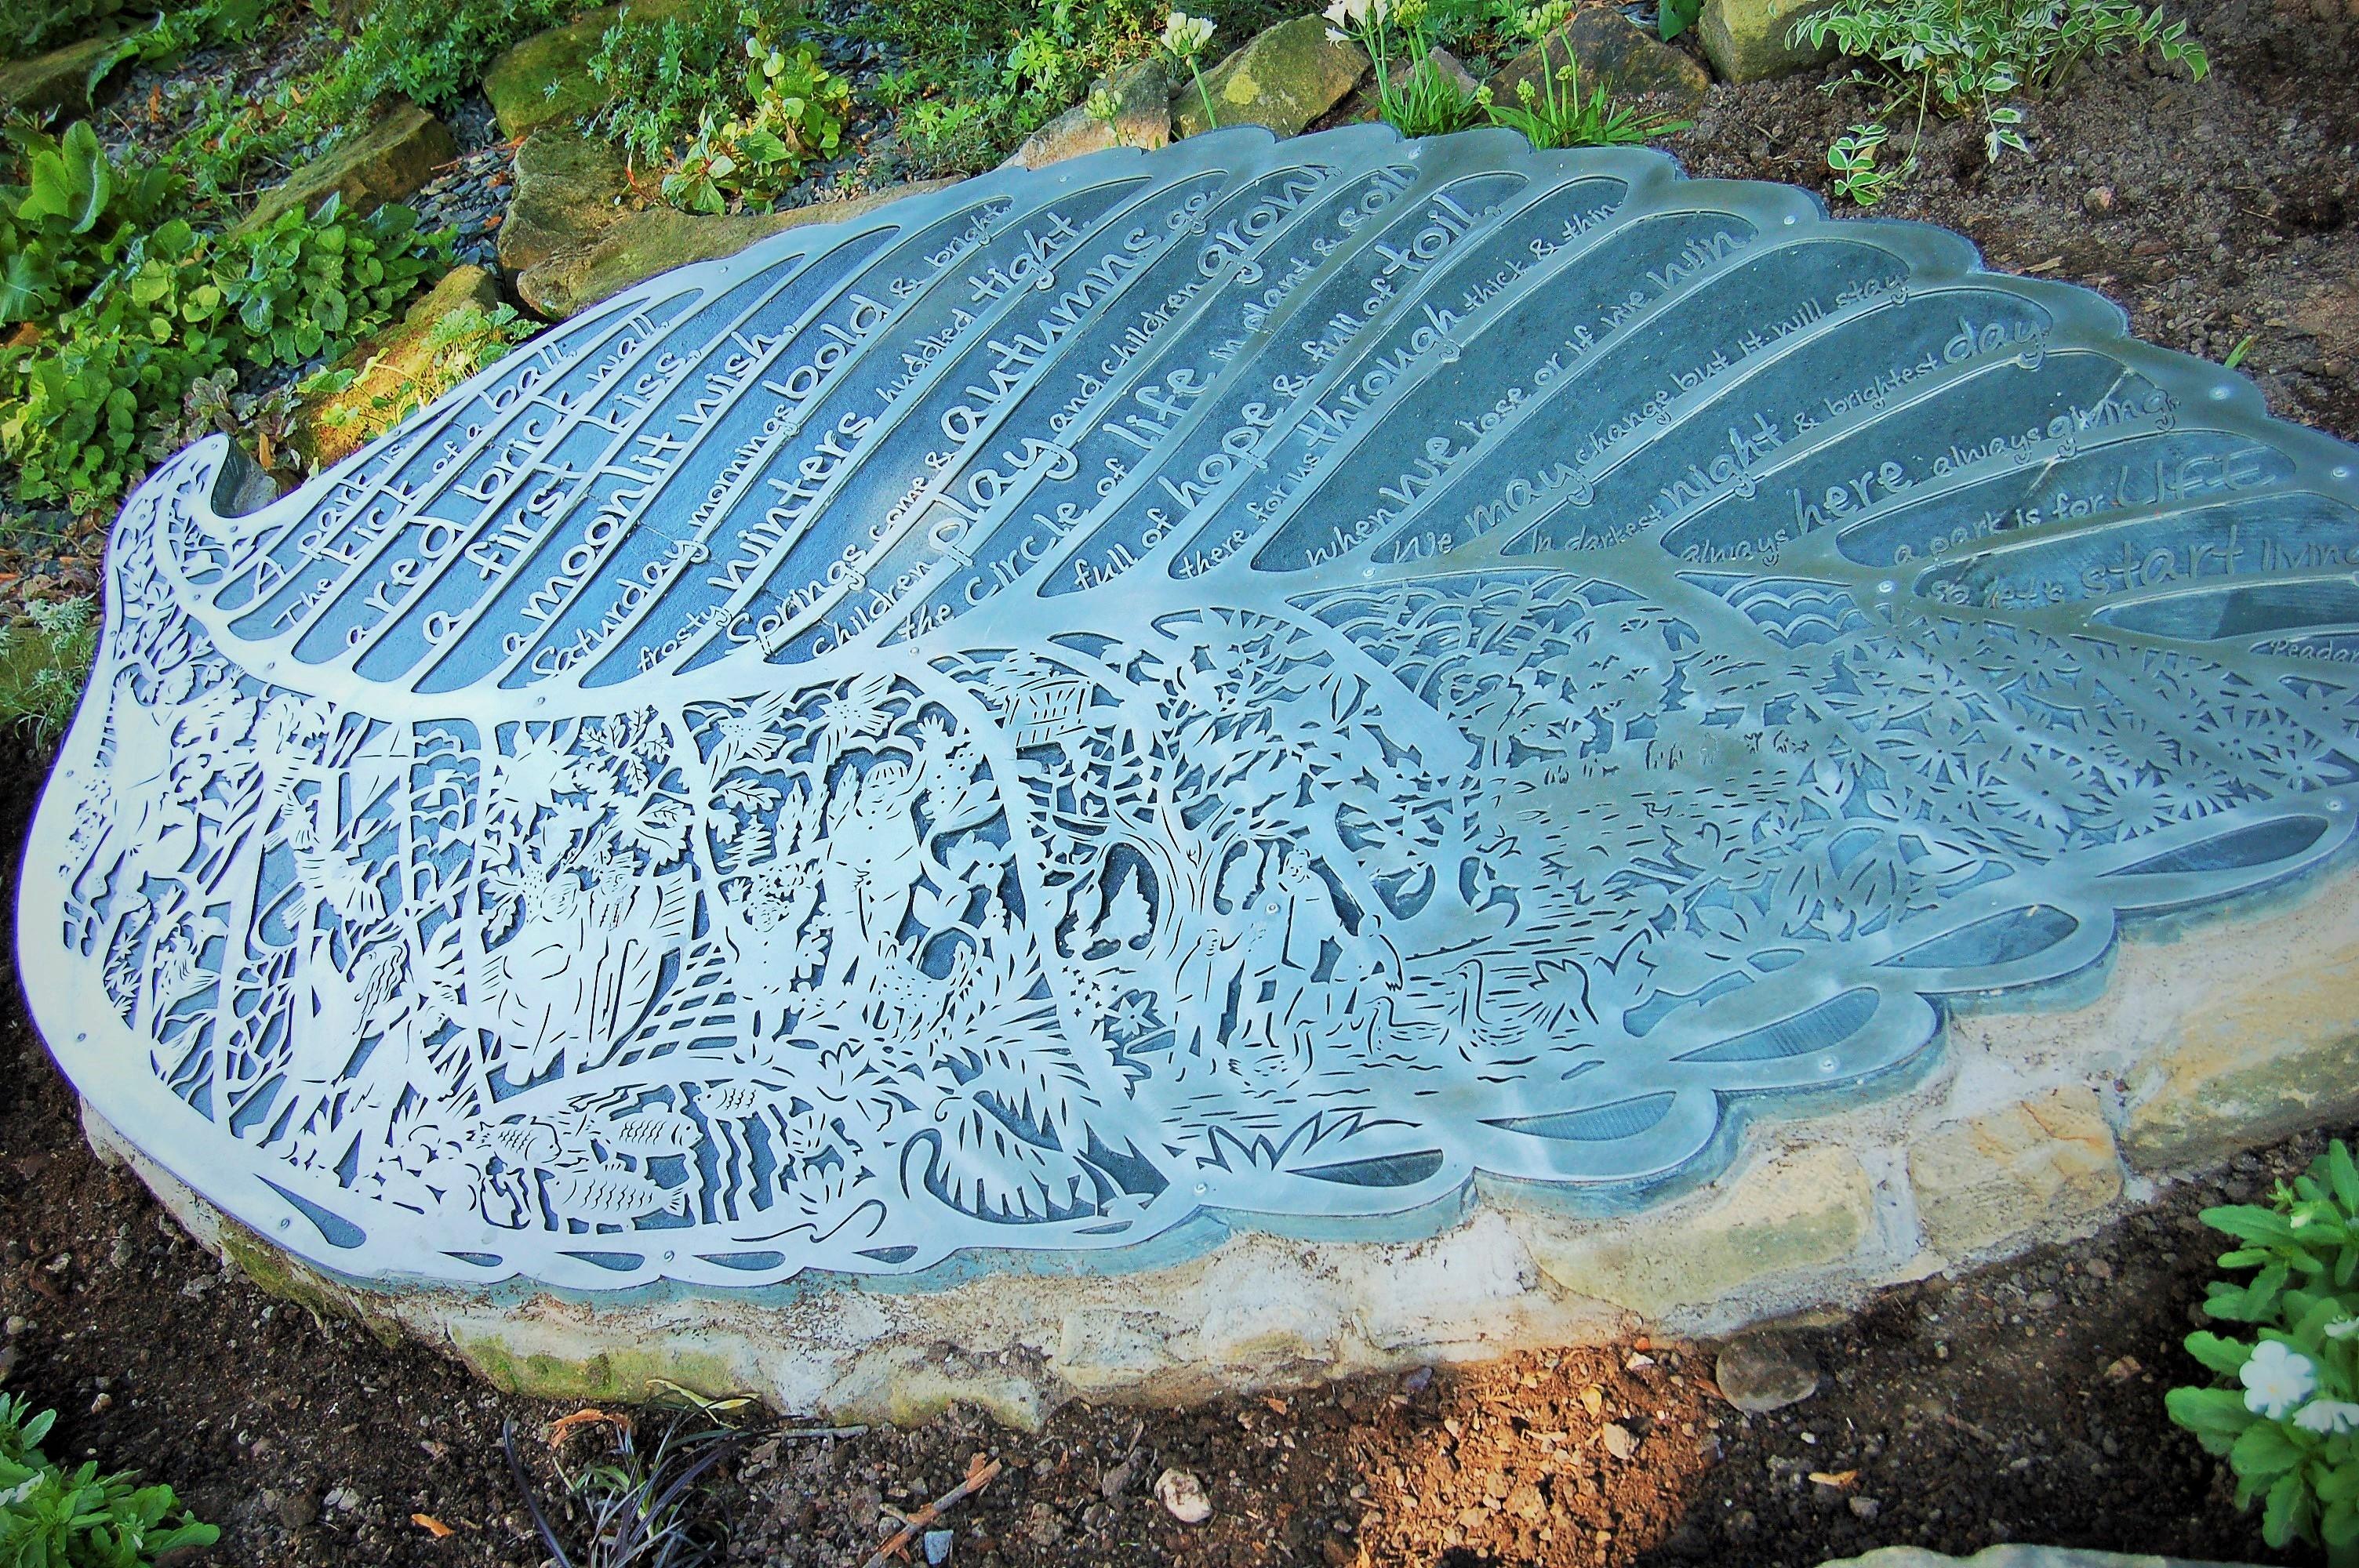 Walsall Arboretum (1)